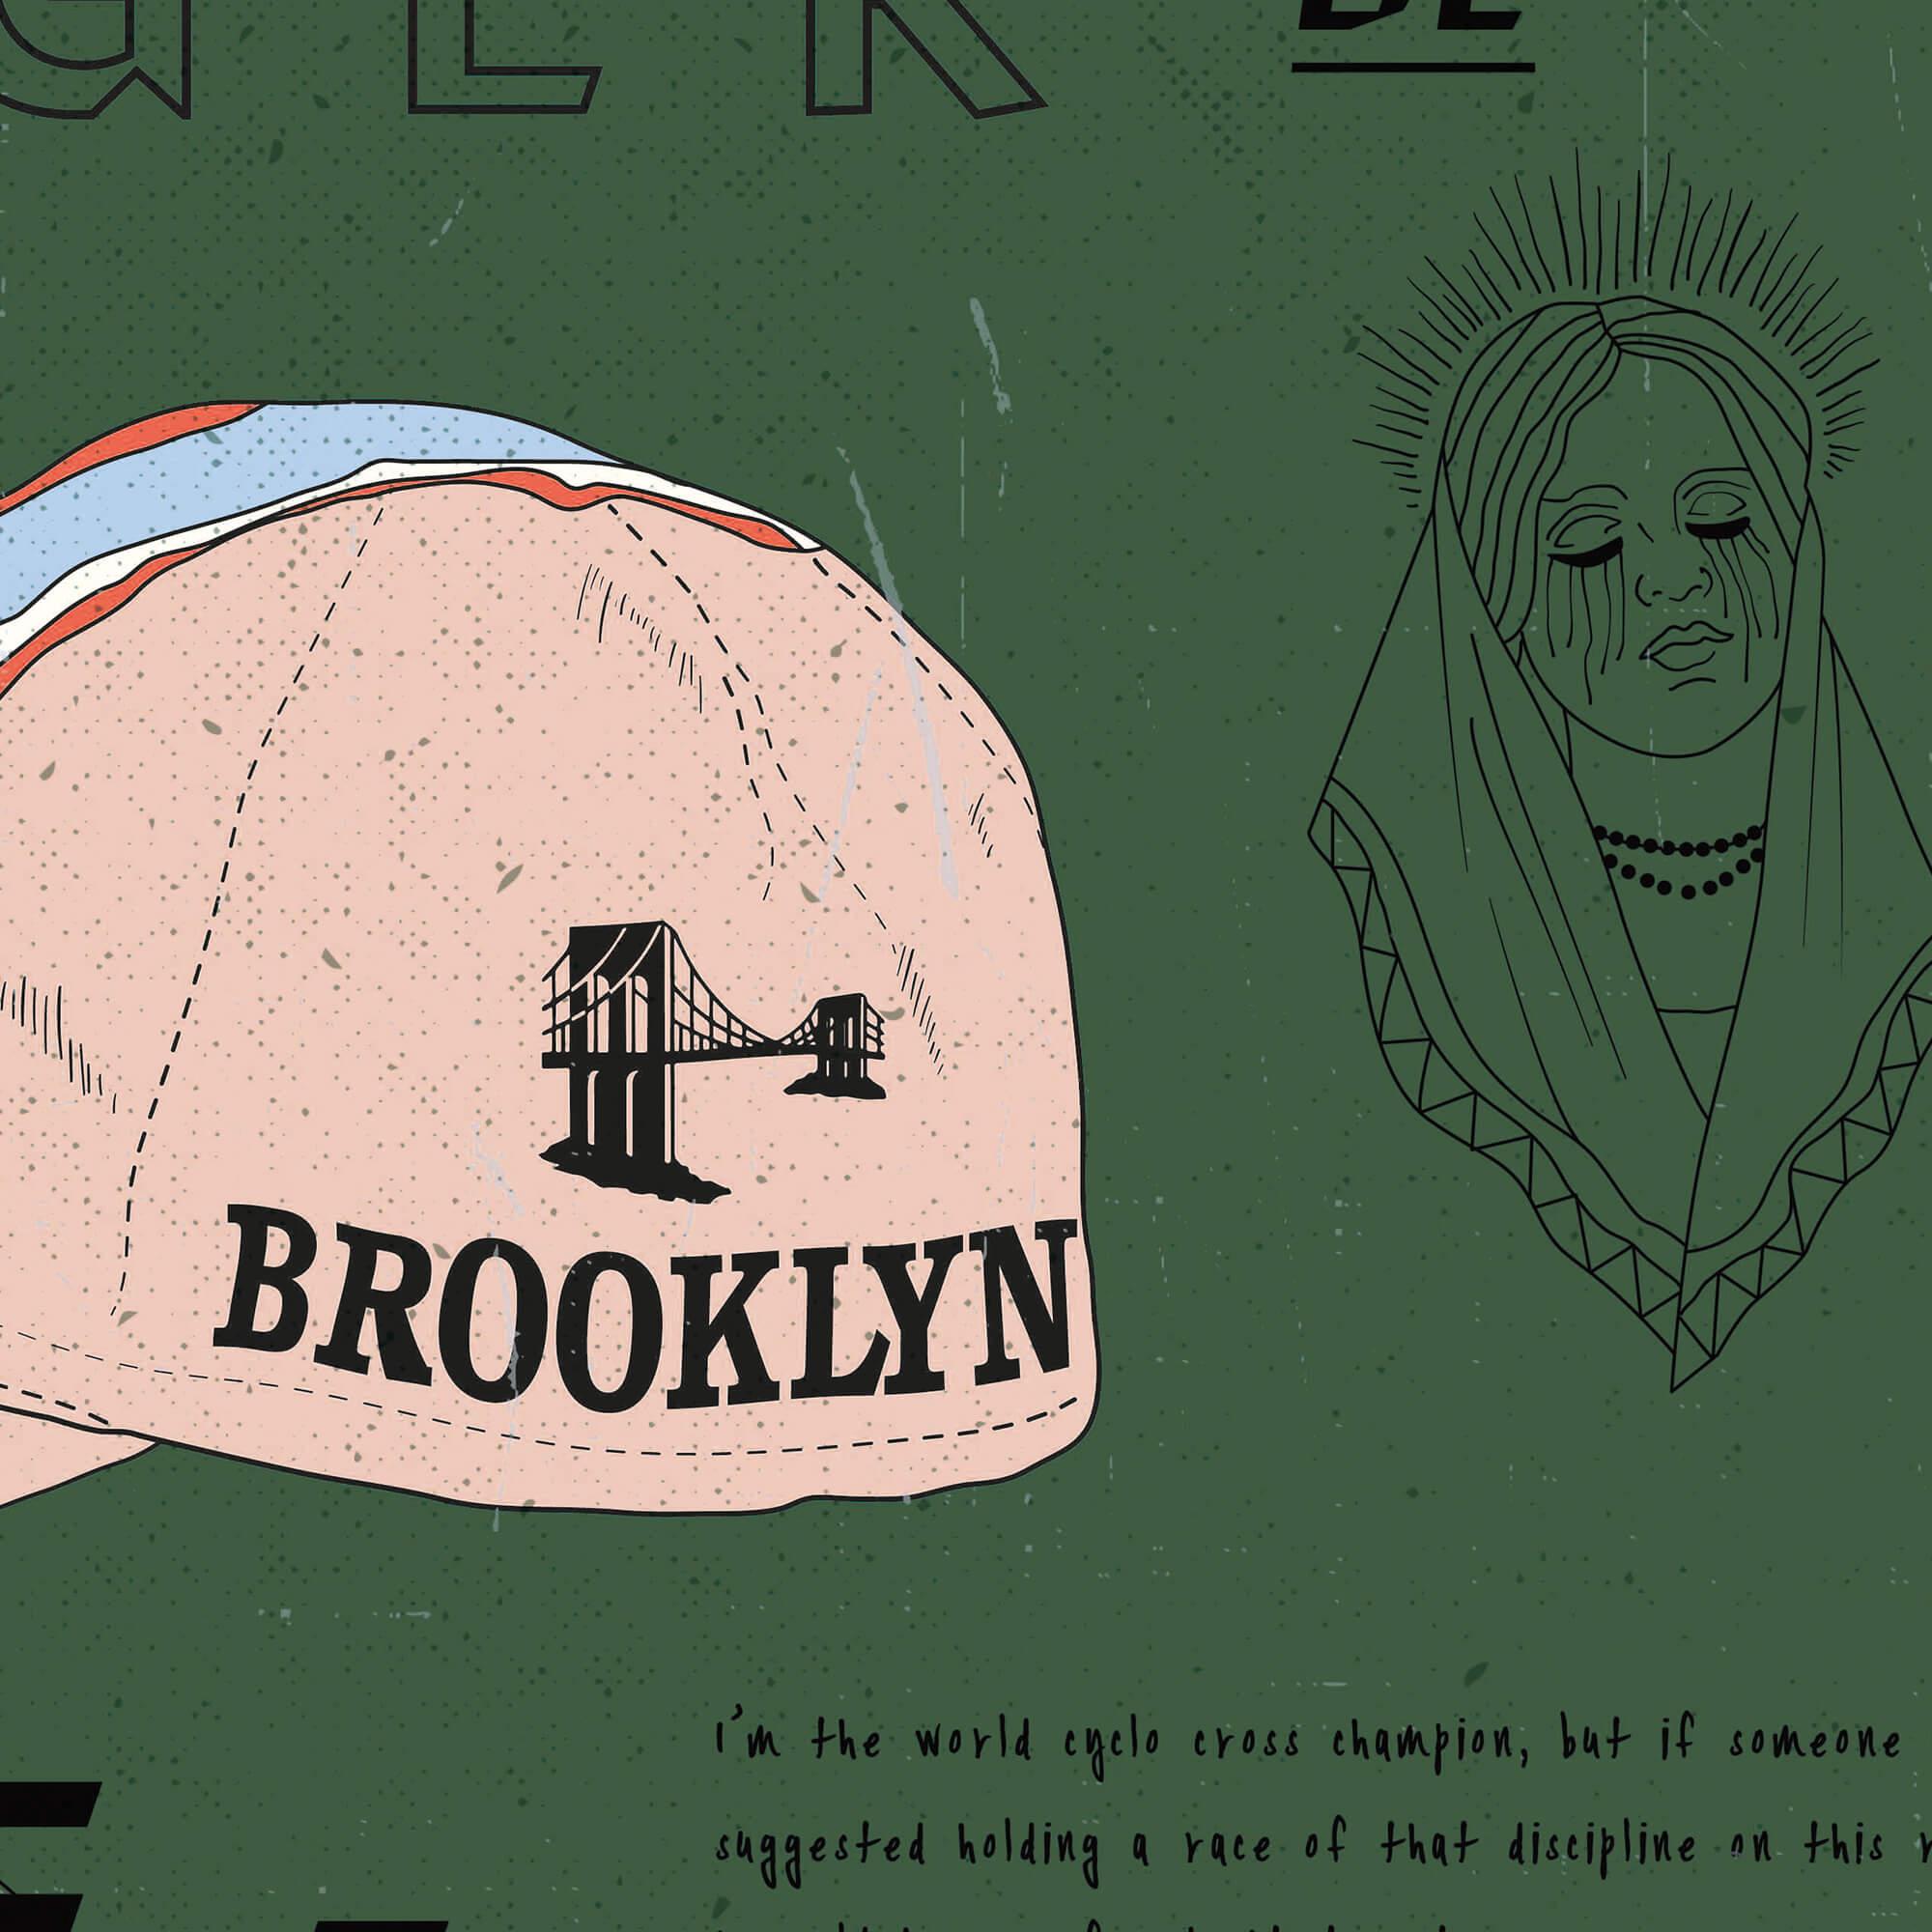 Brooklyn_03